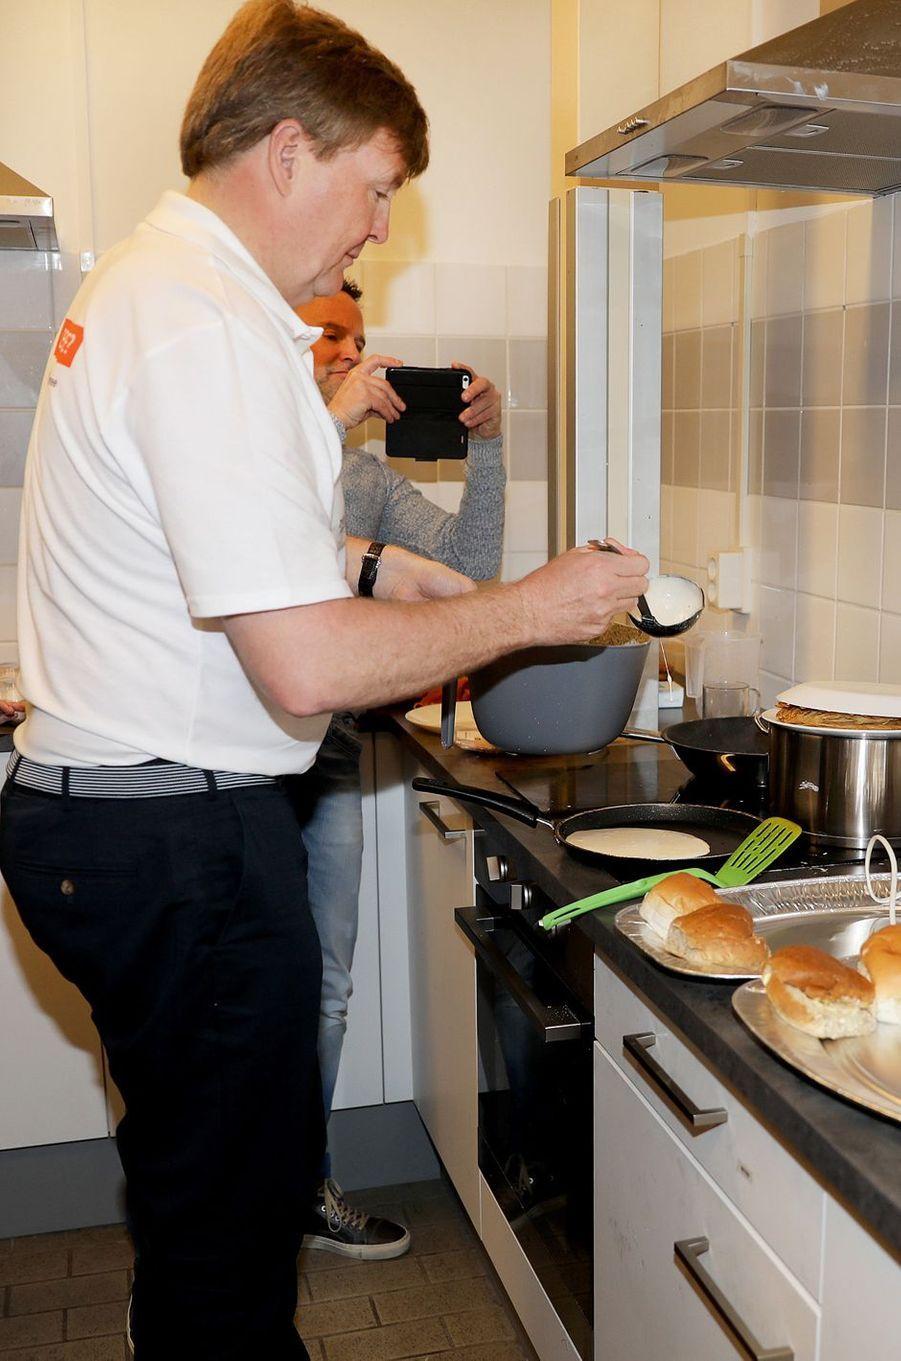 Le roi Willem-Alexander des Pays-Bas à Pijnacker, le 10 mars 2018